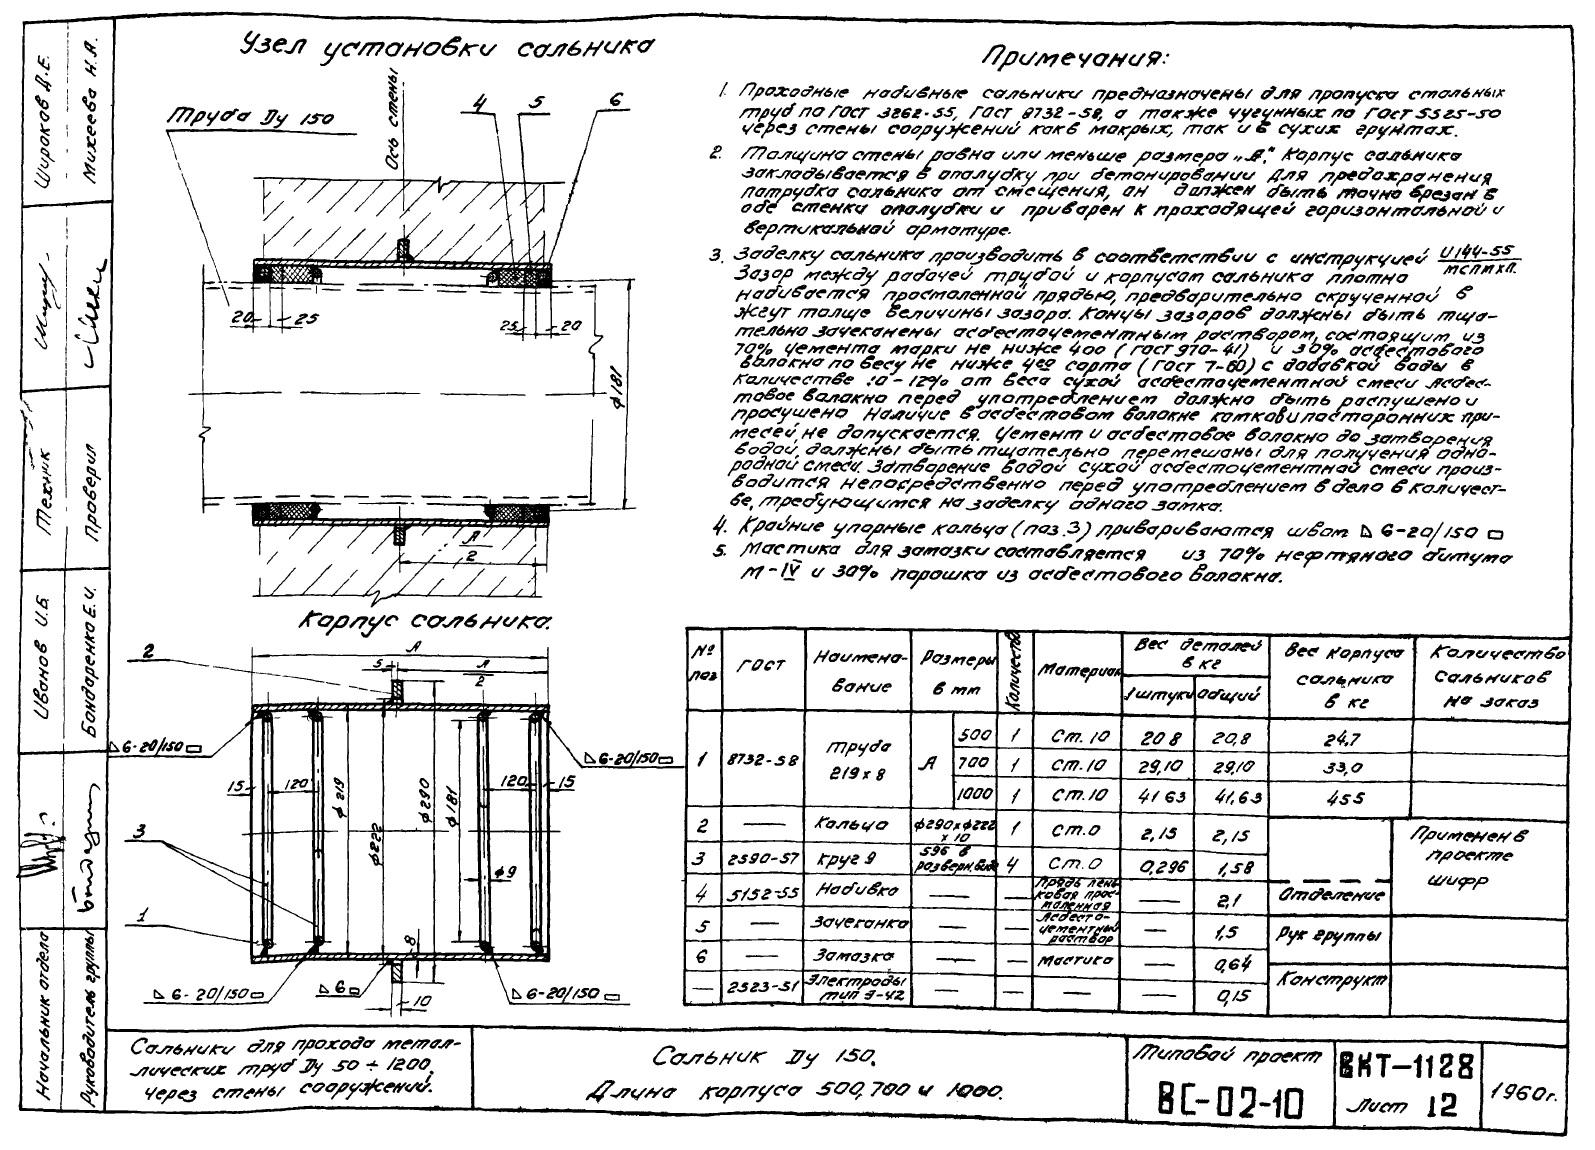 Сальники набивные L = 700 мм типовой проект ВС-02-10 стр.5